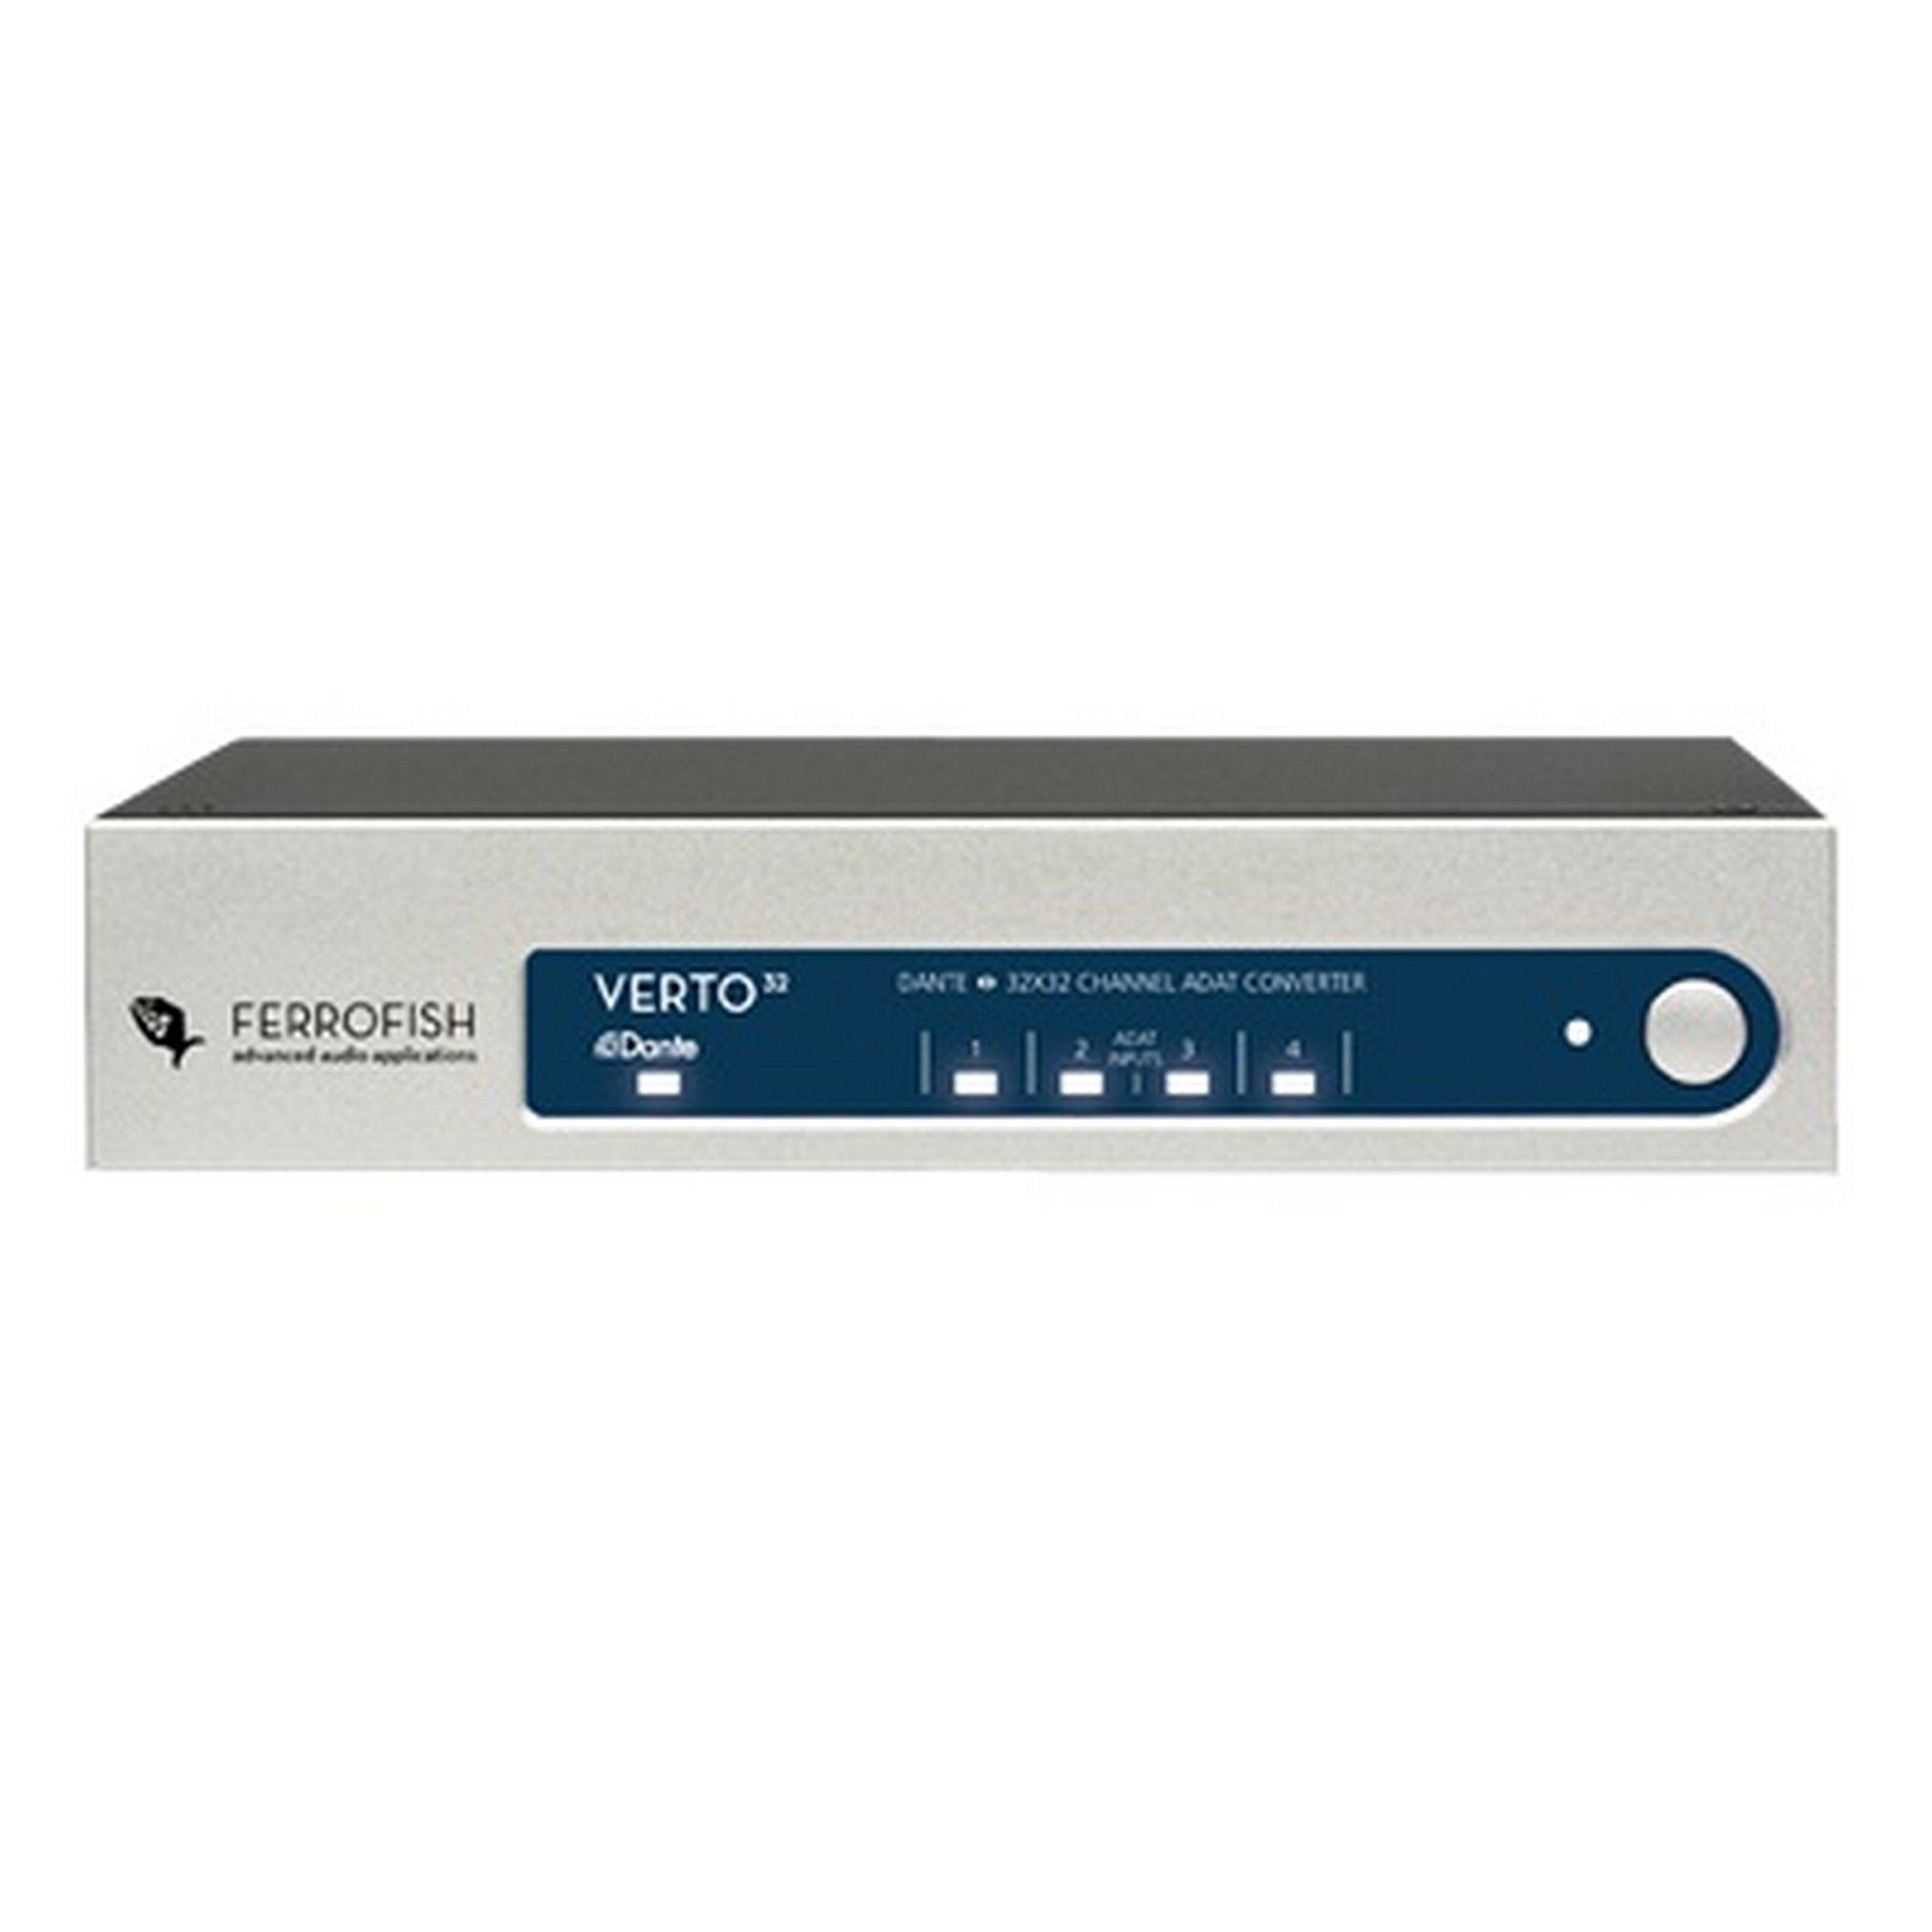 Ferrofish Verto 32, 32 Channel ADAT Dante Format Converter